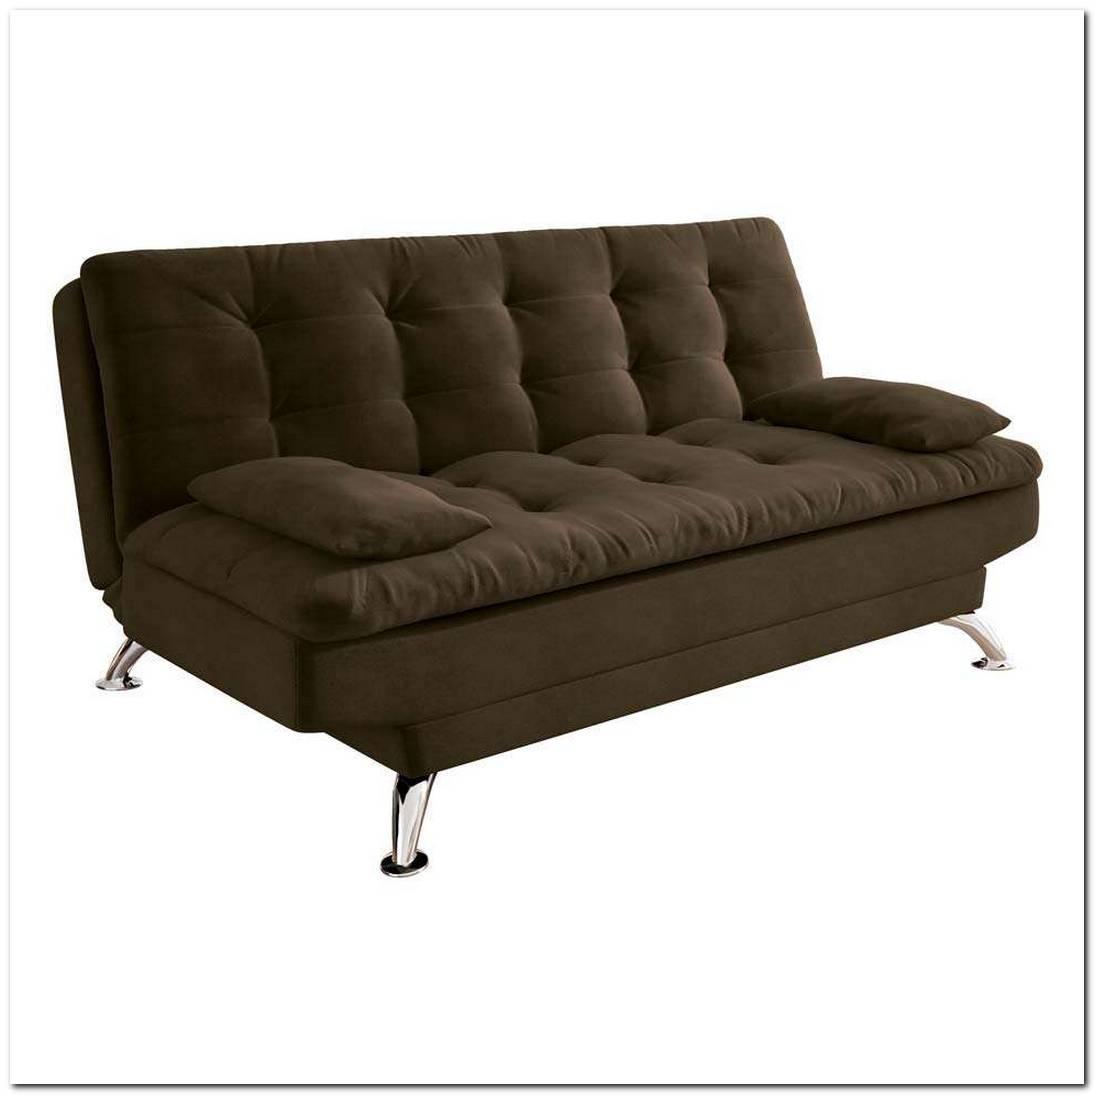 Sofa Cama Premium